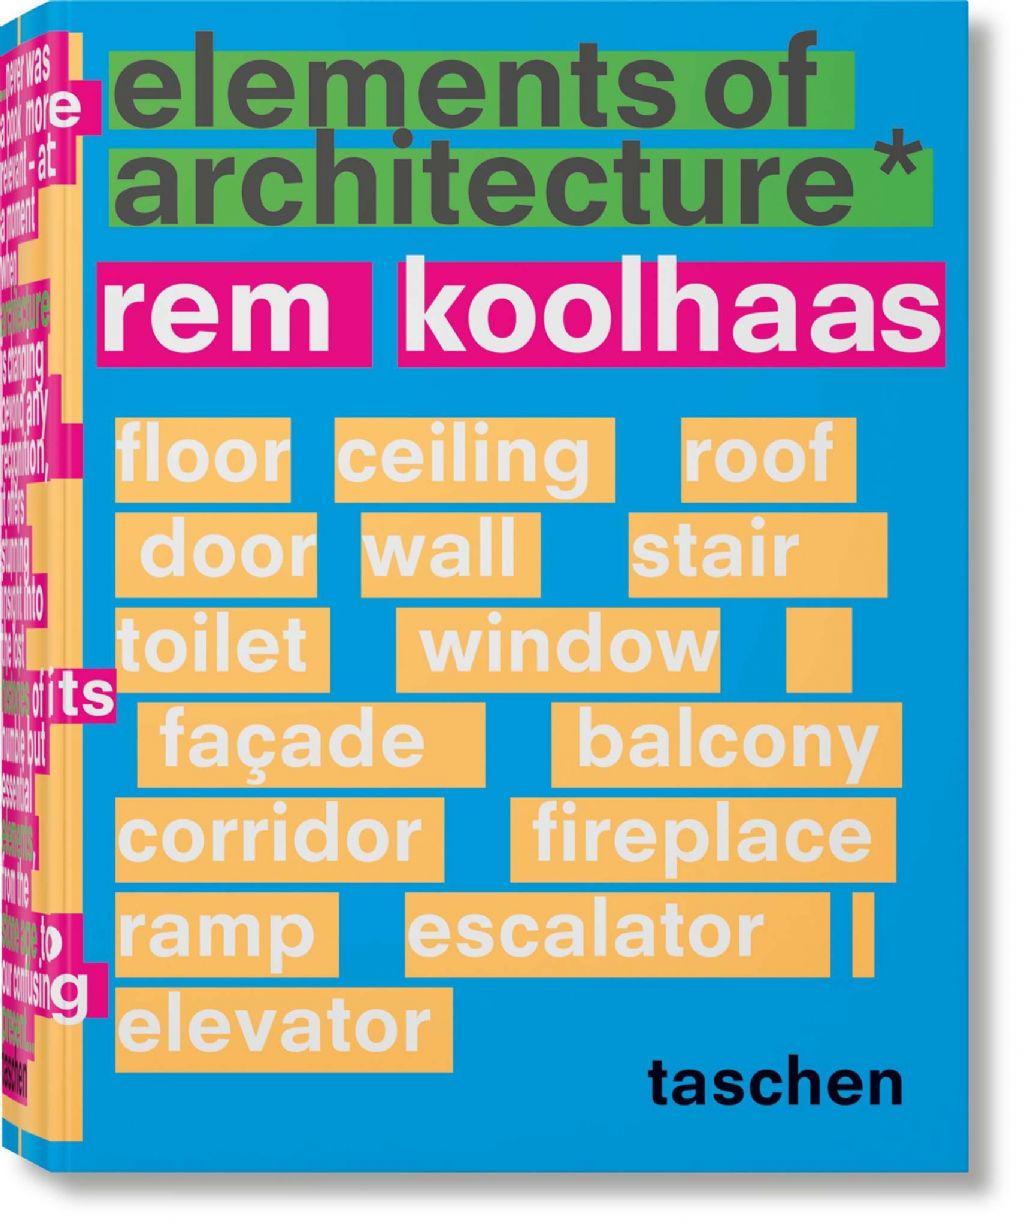 A lire : L'encyclopédie de Rem Koolhaas : une véritable brique !